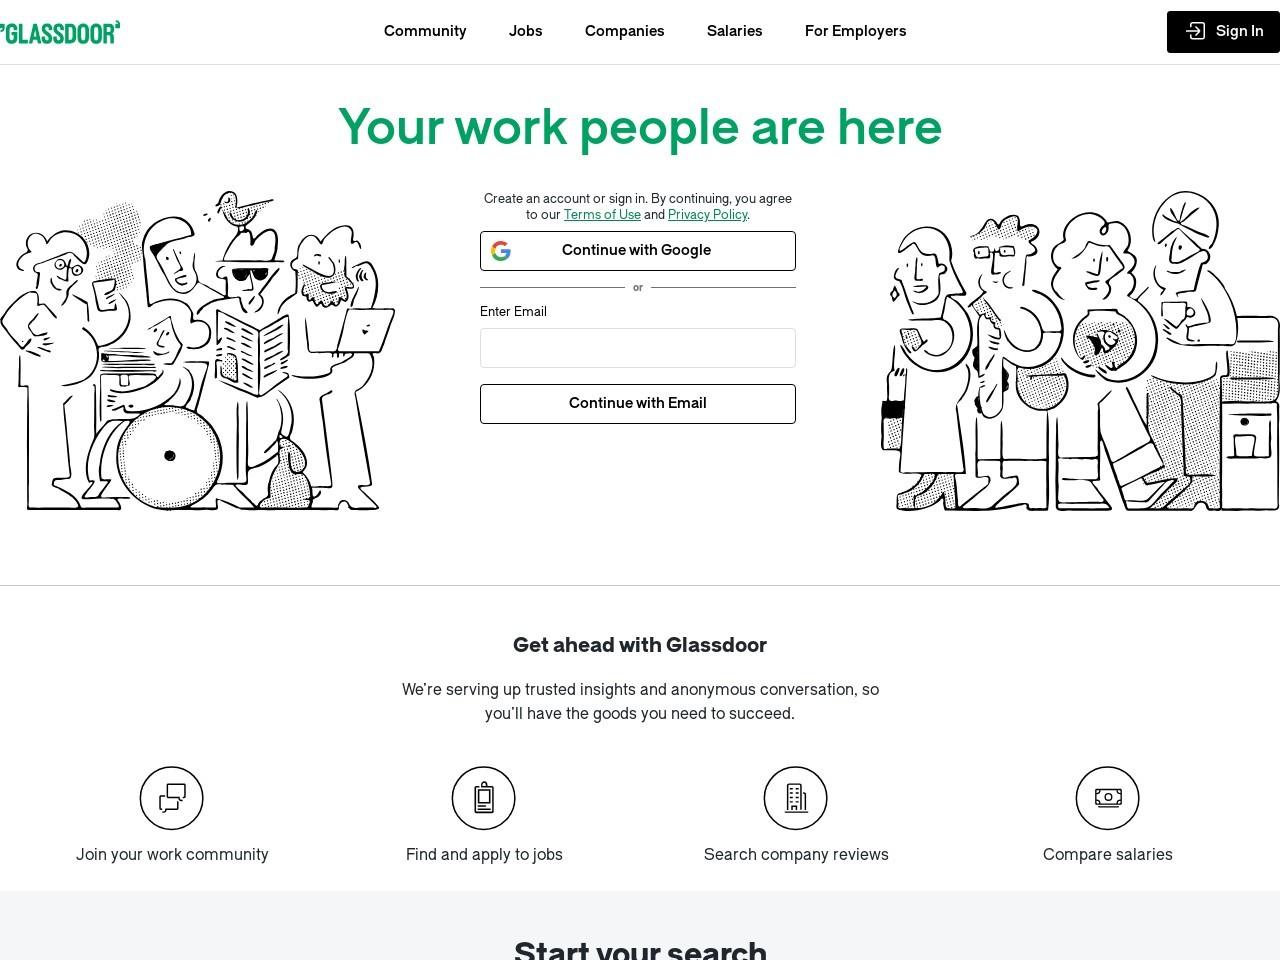 glassdoor.com